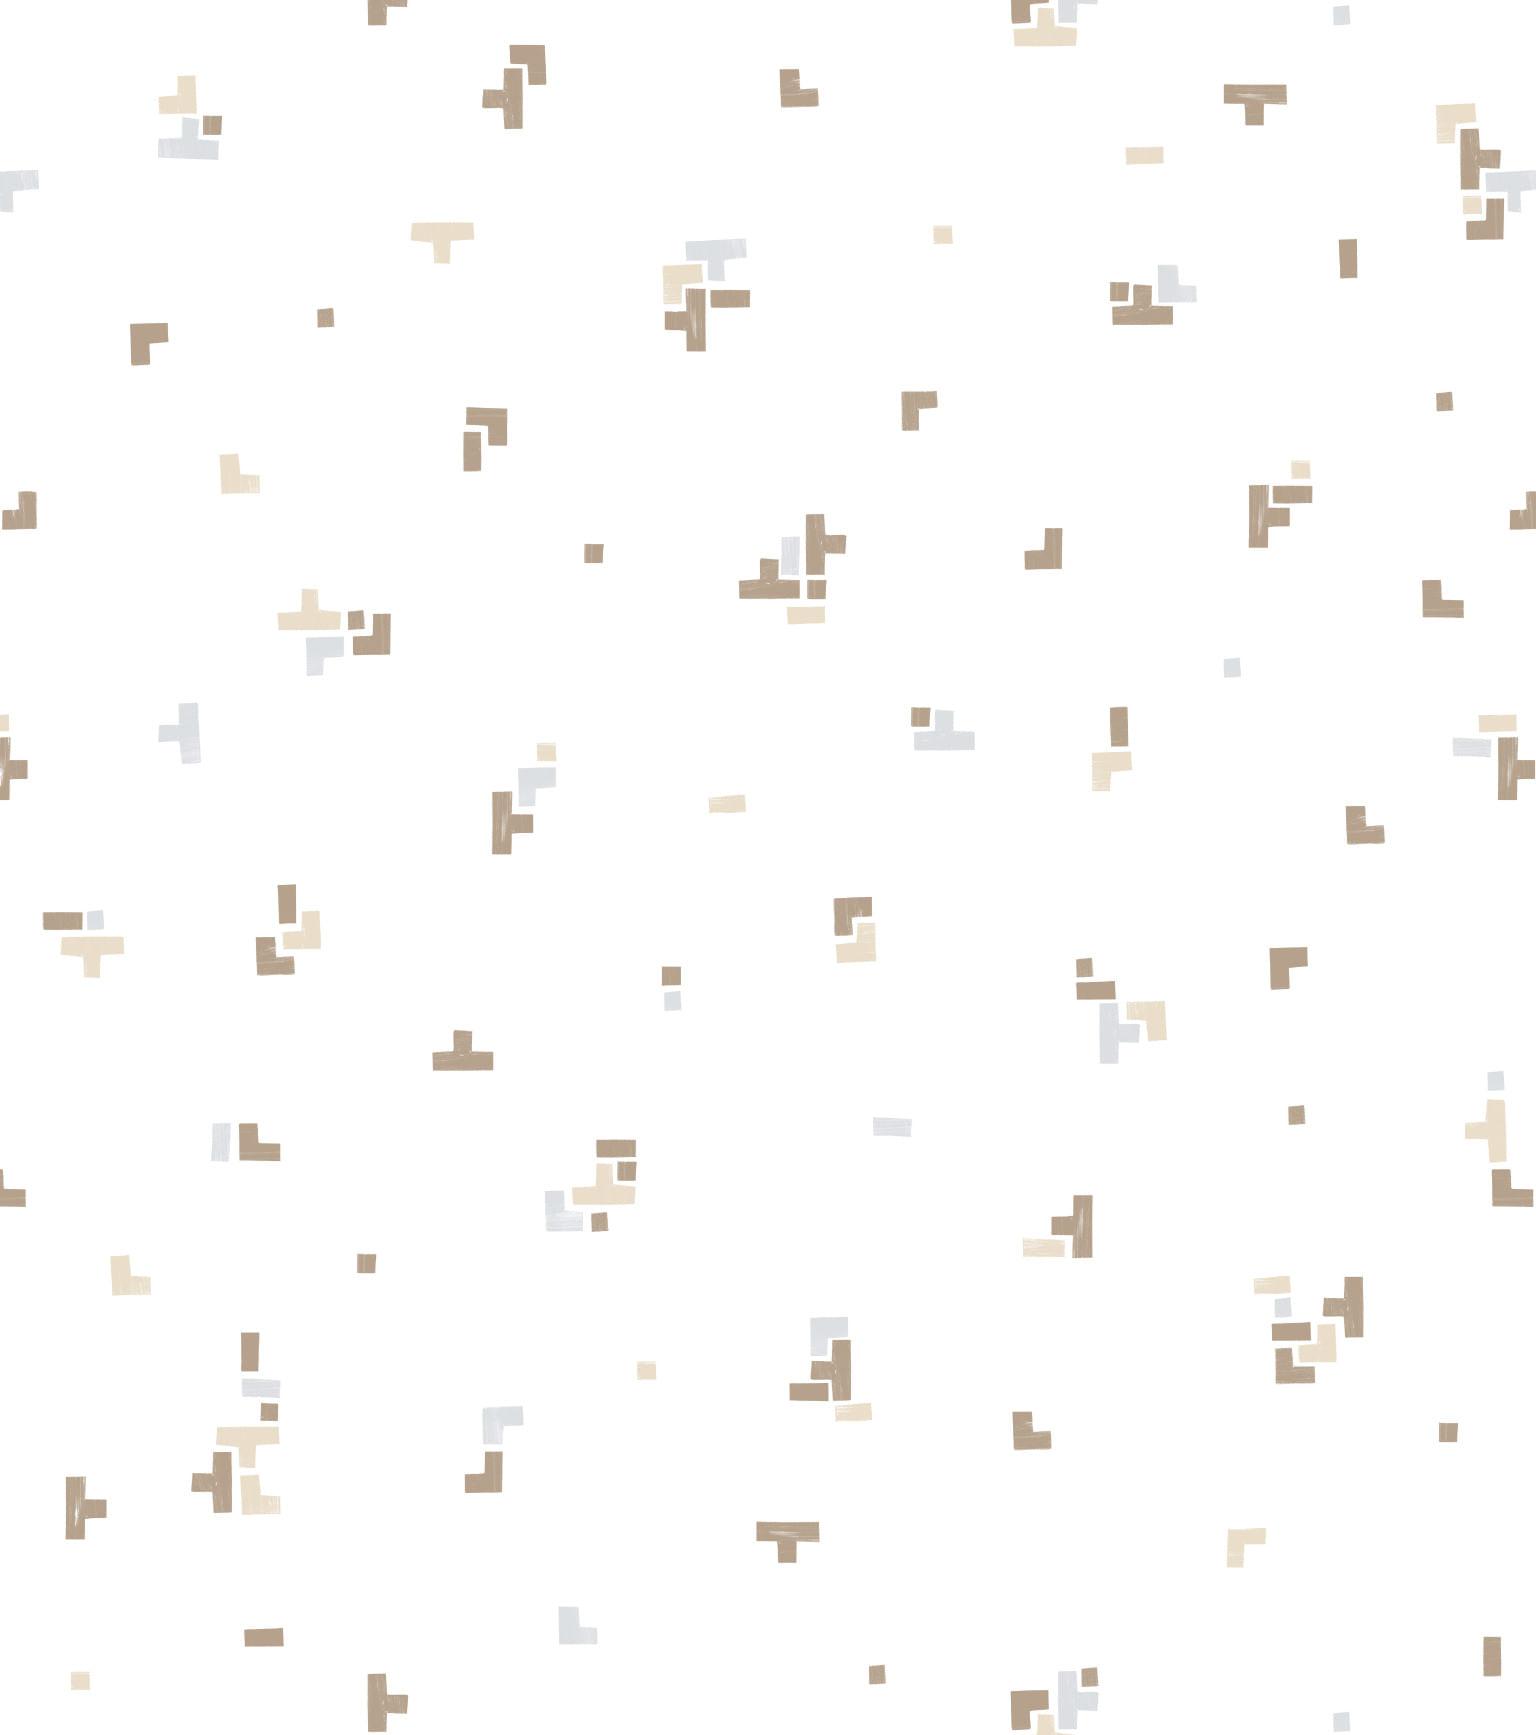 Papel de Parede Coleção Brincar Geométrico 3637 - Rolo: 10m x 0,52m